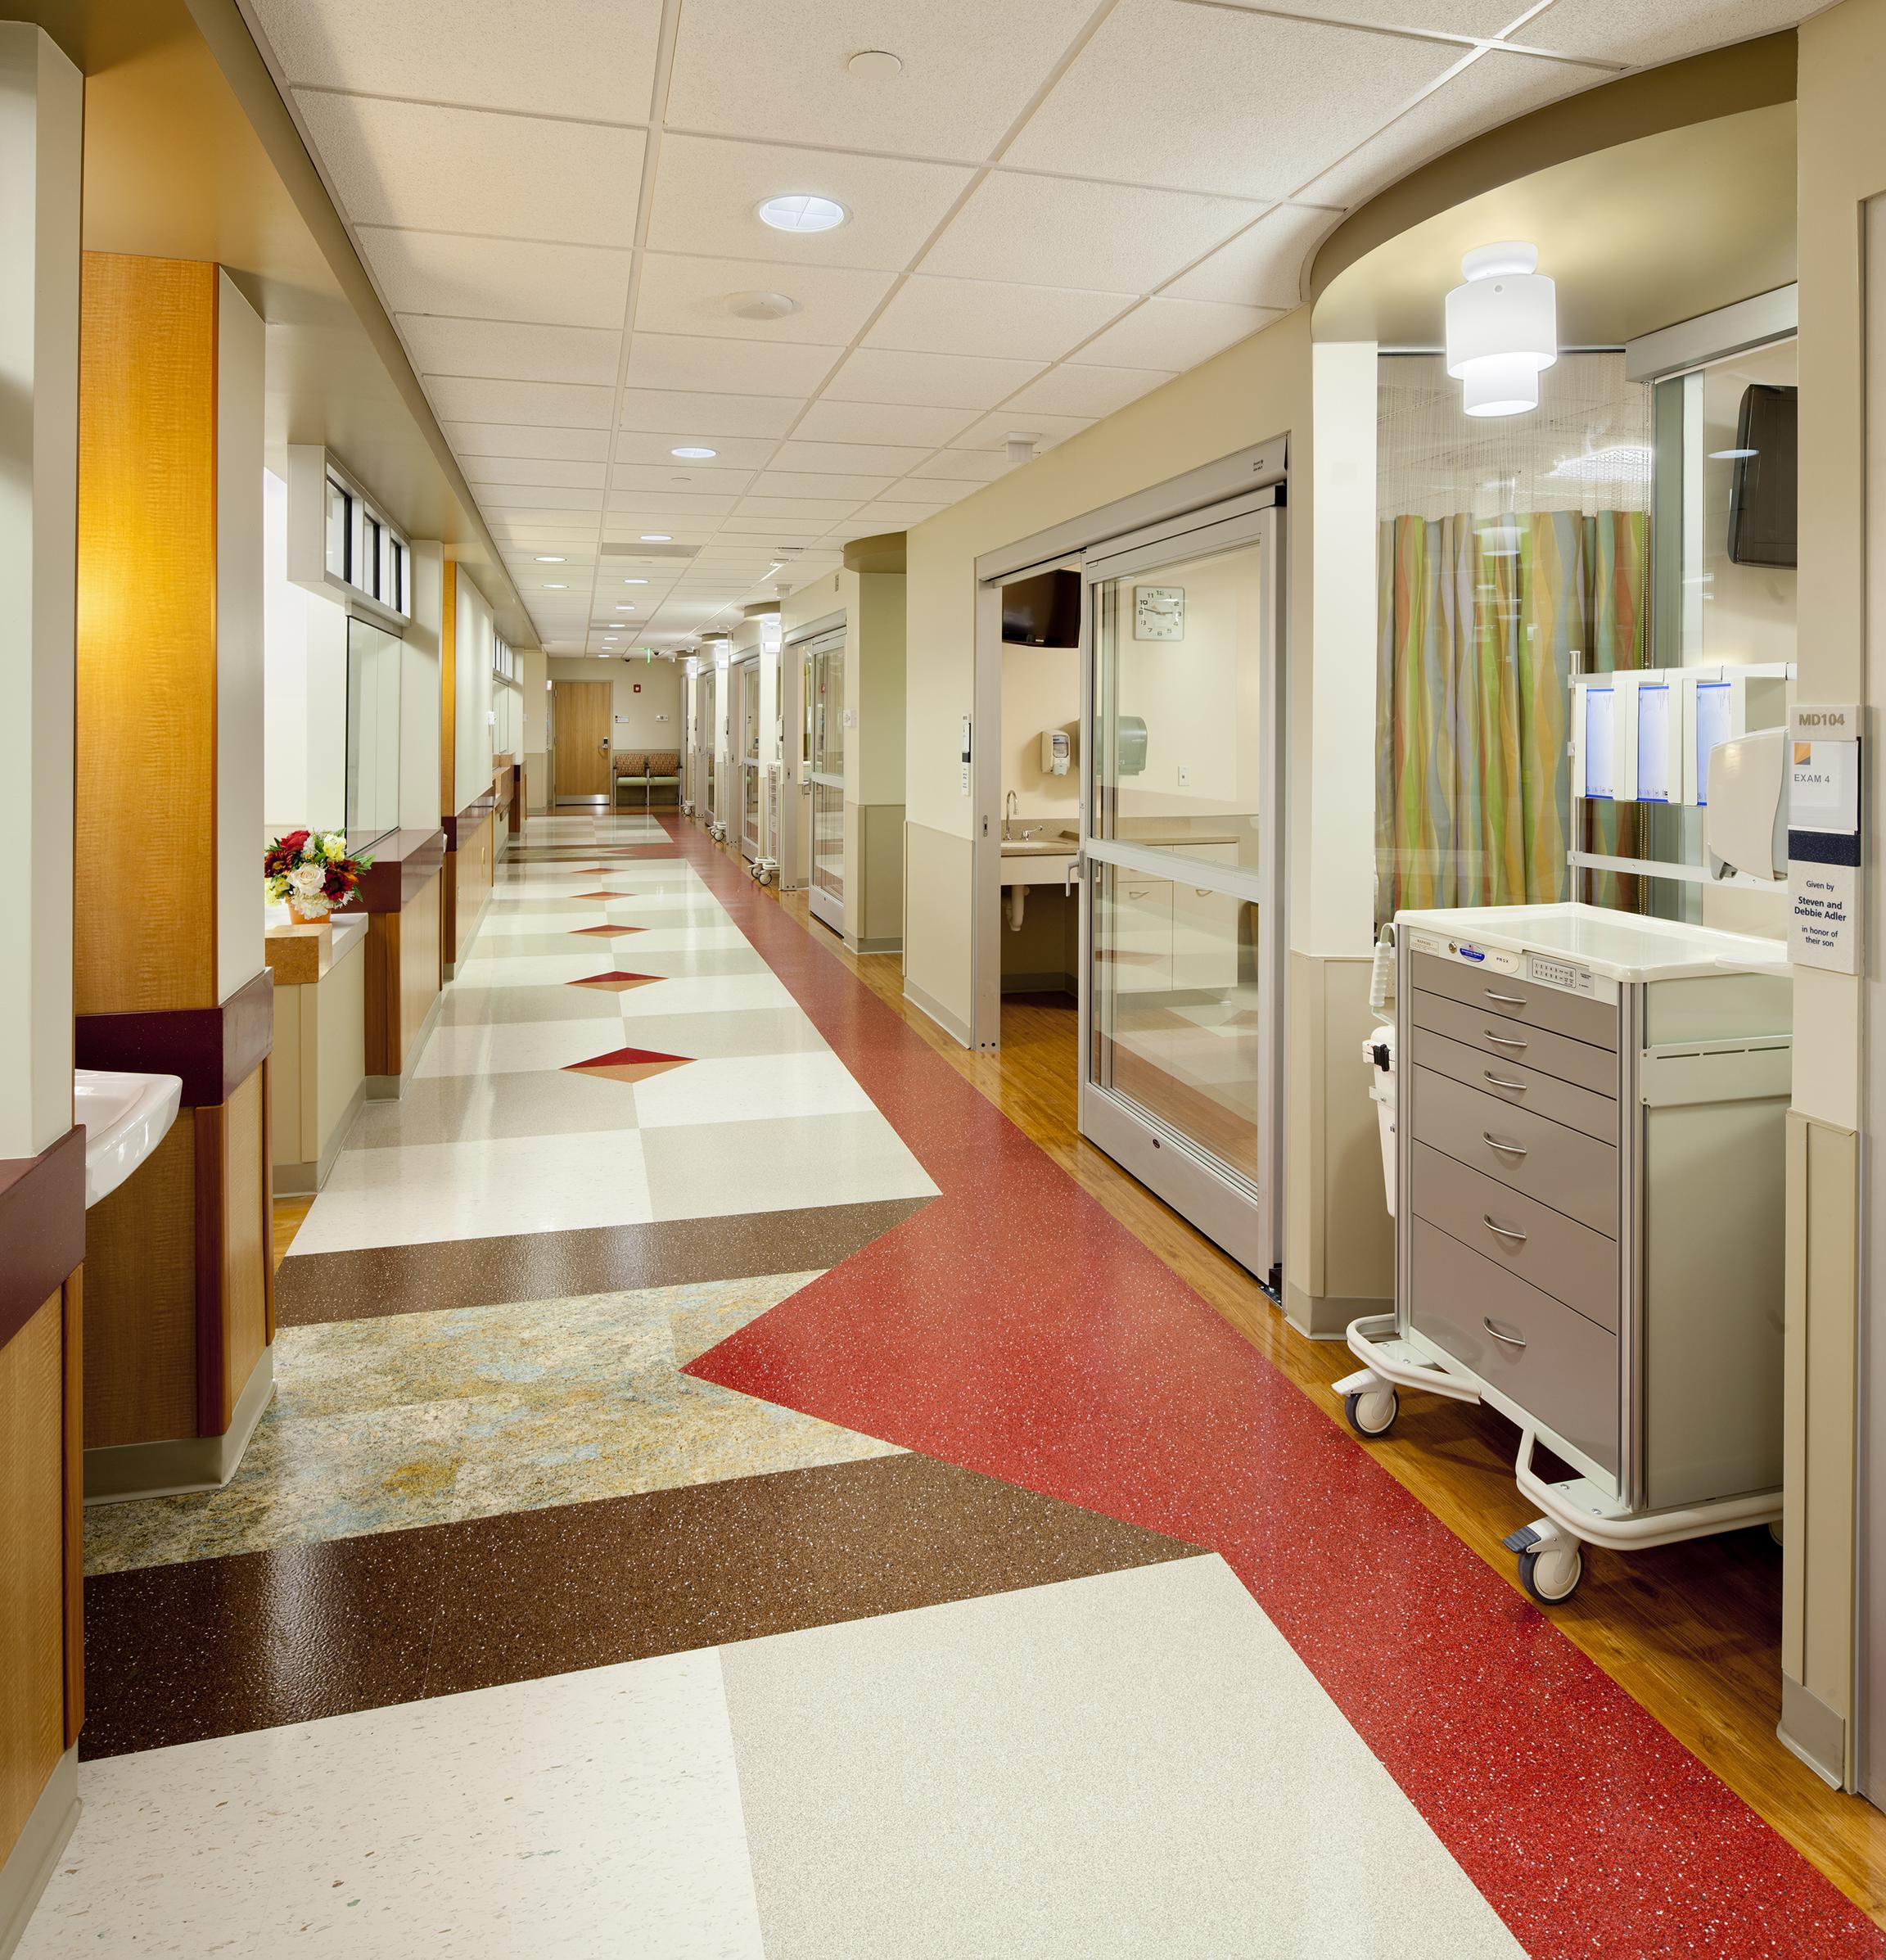 Emergency Room Morristown Memorial Hospital